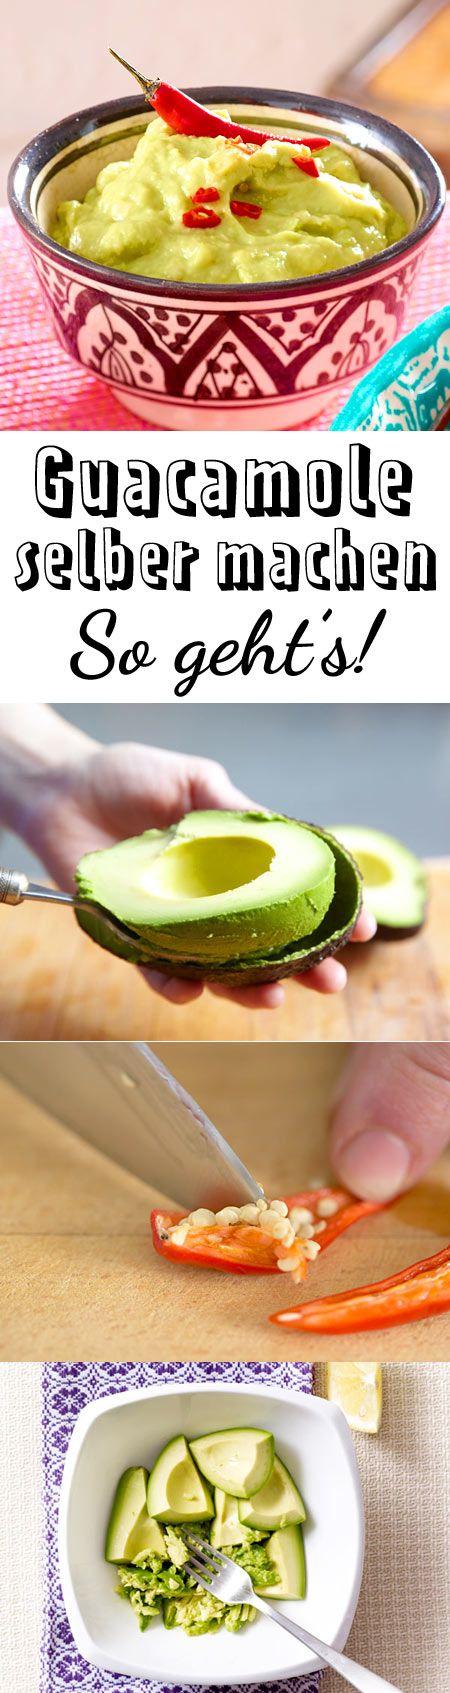 DER Klassiker, wenn es um Avocados geht. Wir zeigen, wie der mexikanische Dip gelingt.